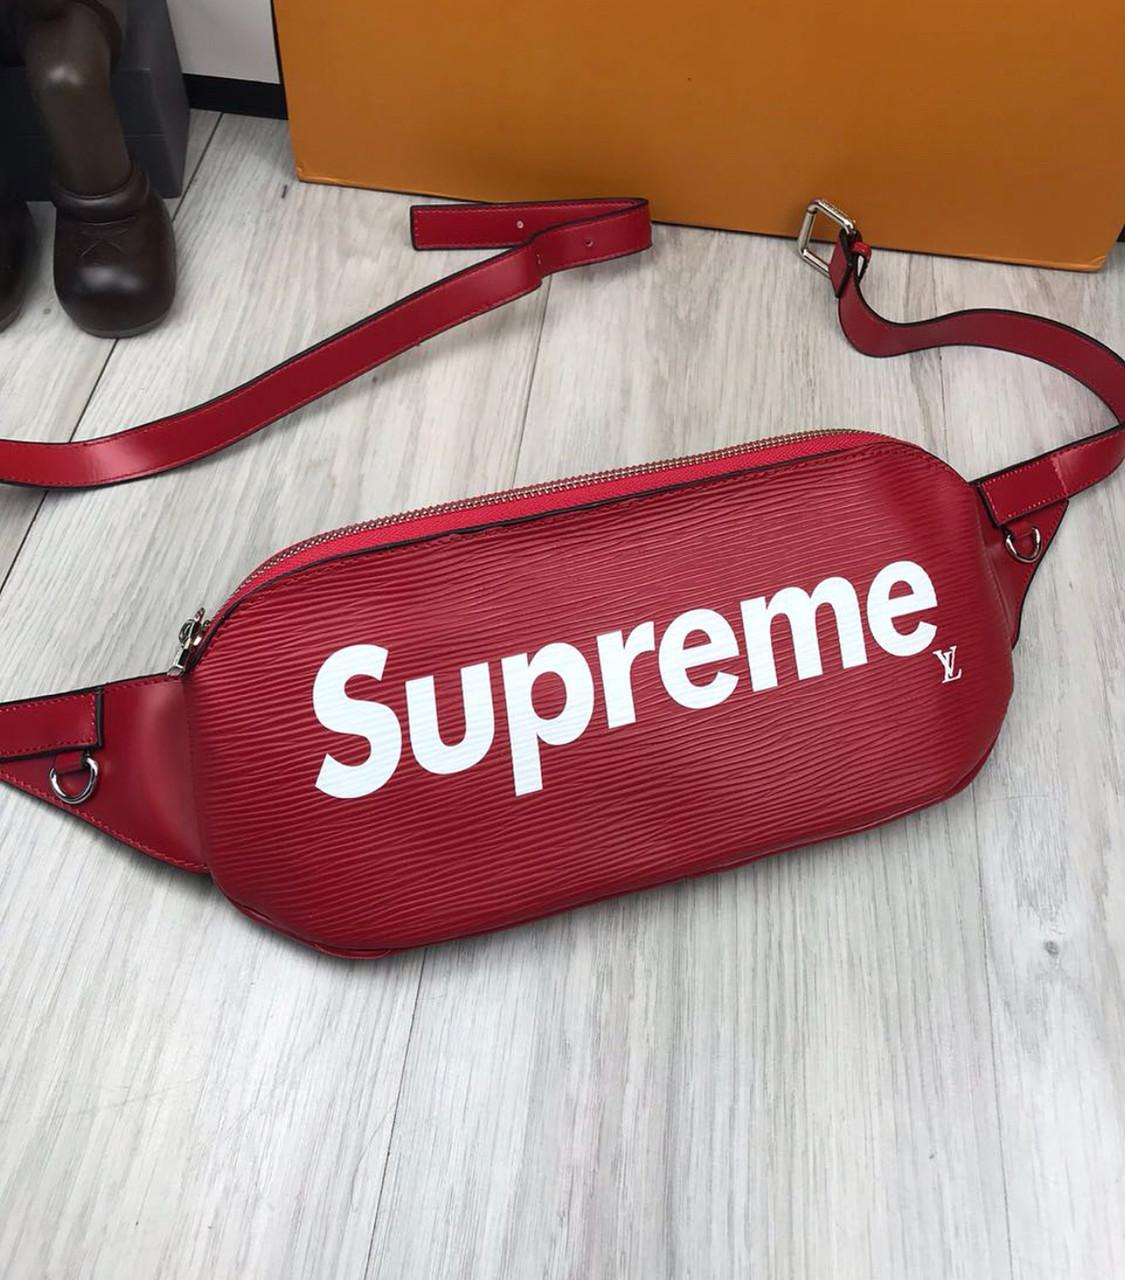 1037c0432dbd Сумка на пояс бананка брендовая LV Supreme красная мужская женская копия  высокого качества - AMARKET -